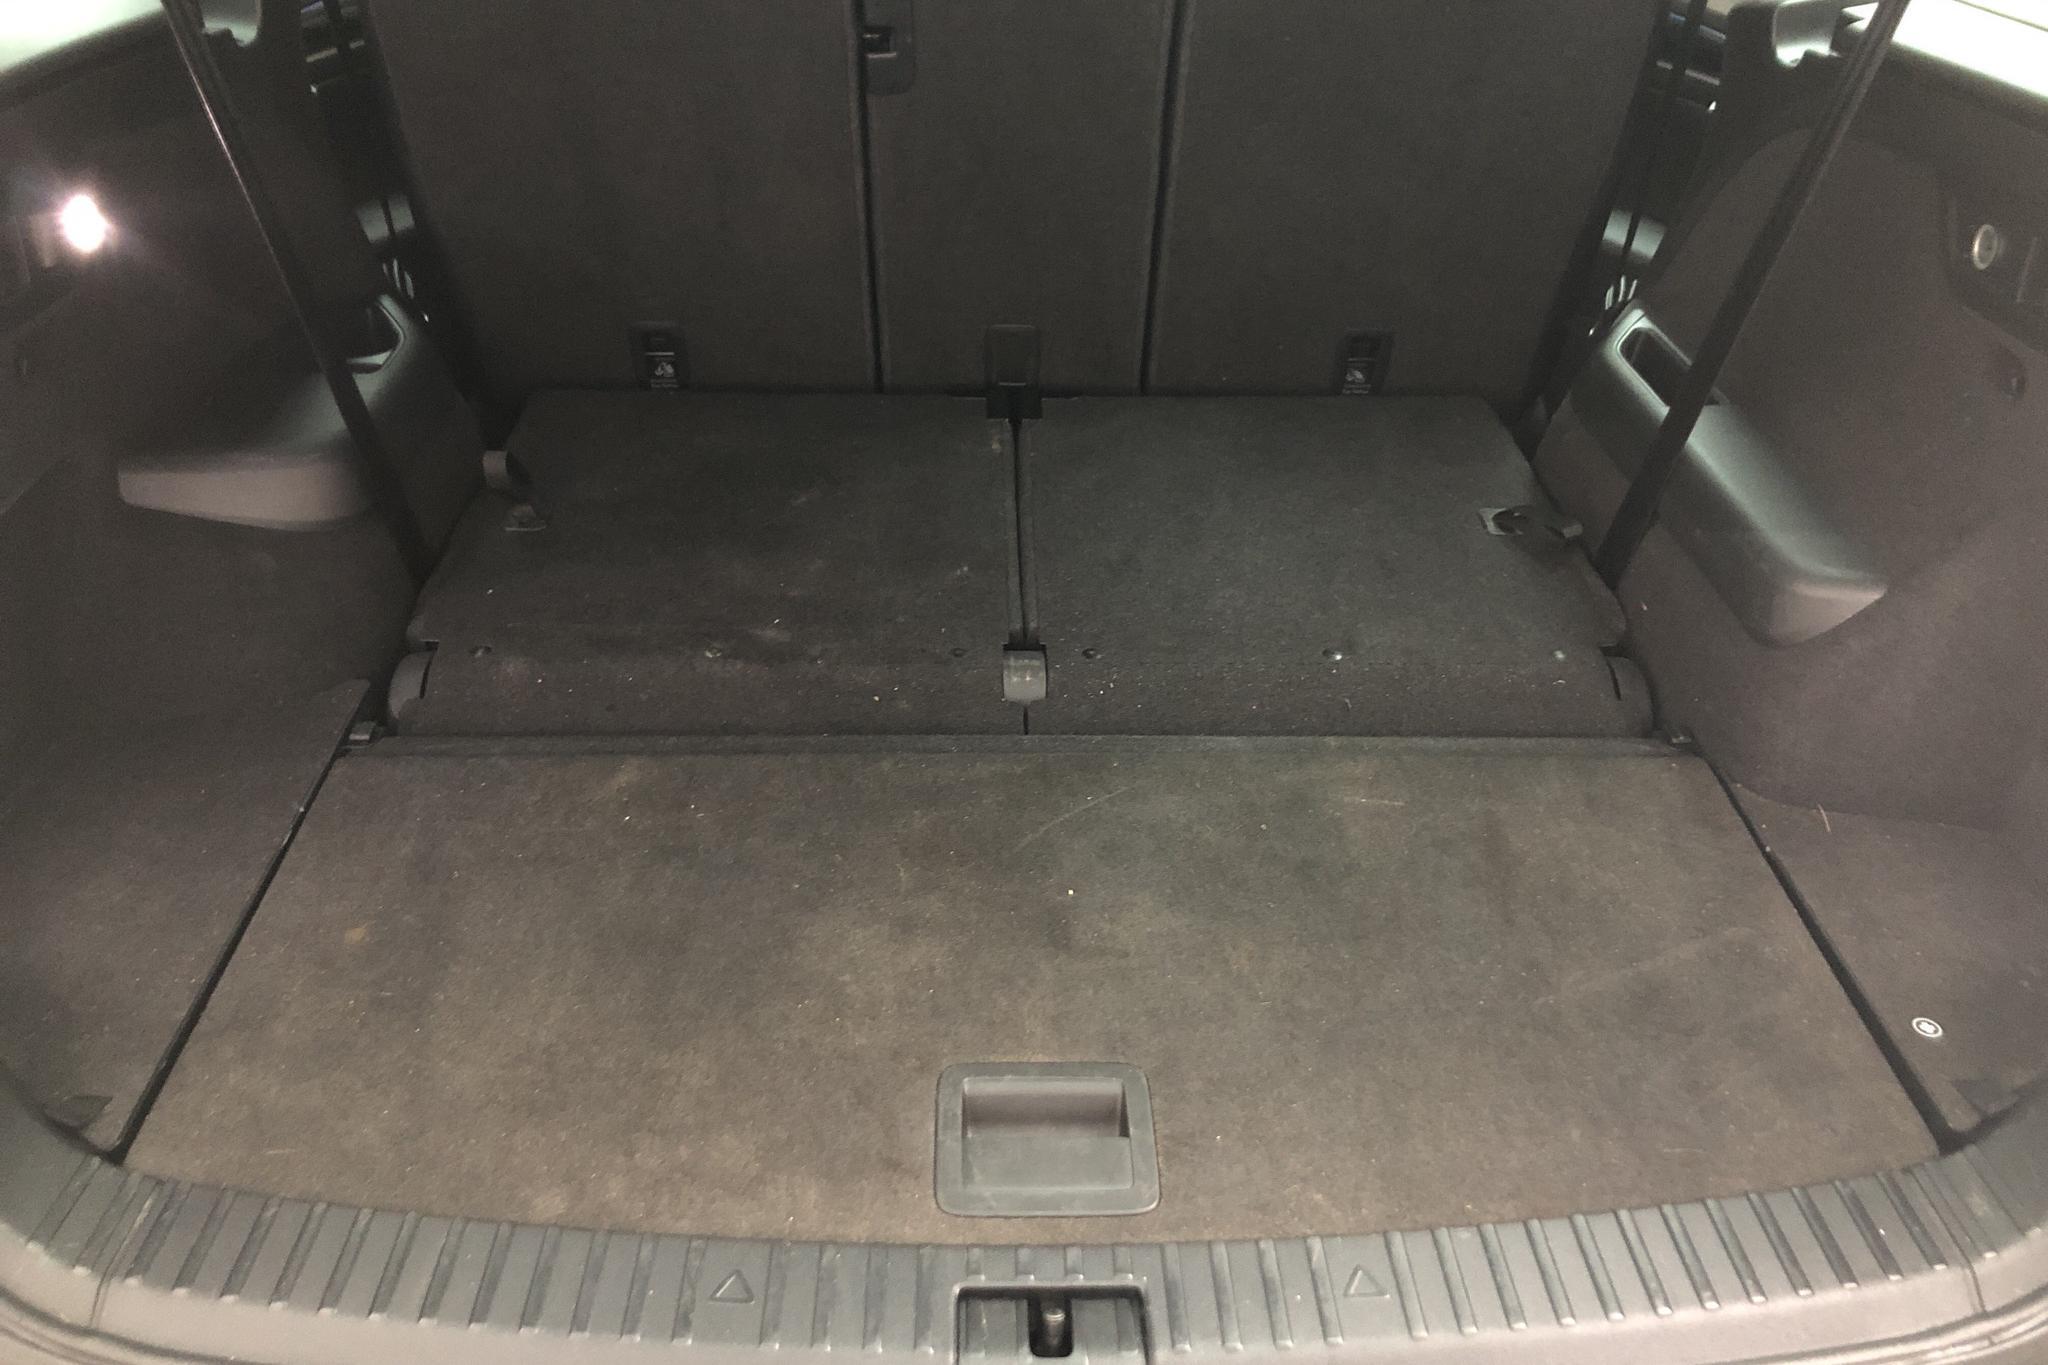 Skoda Kodiaq 2.0 TDI 4X4 (190hk) - 9 931 mil - Automat - svart - 2018